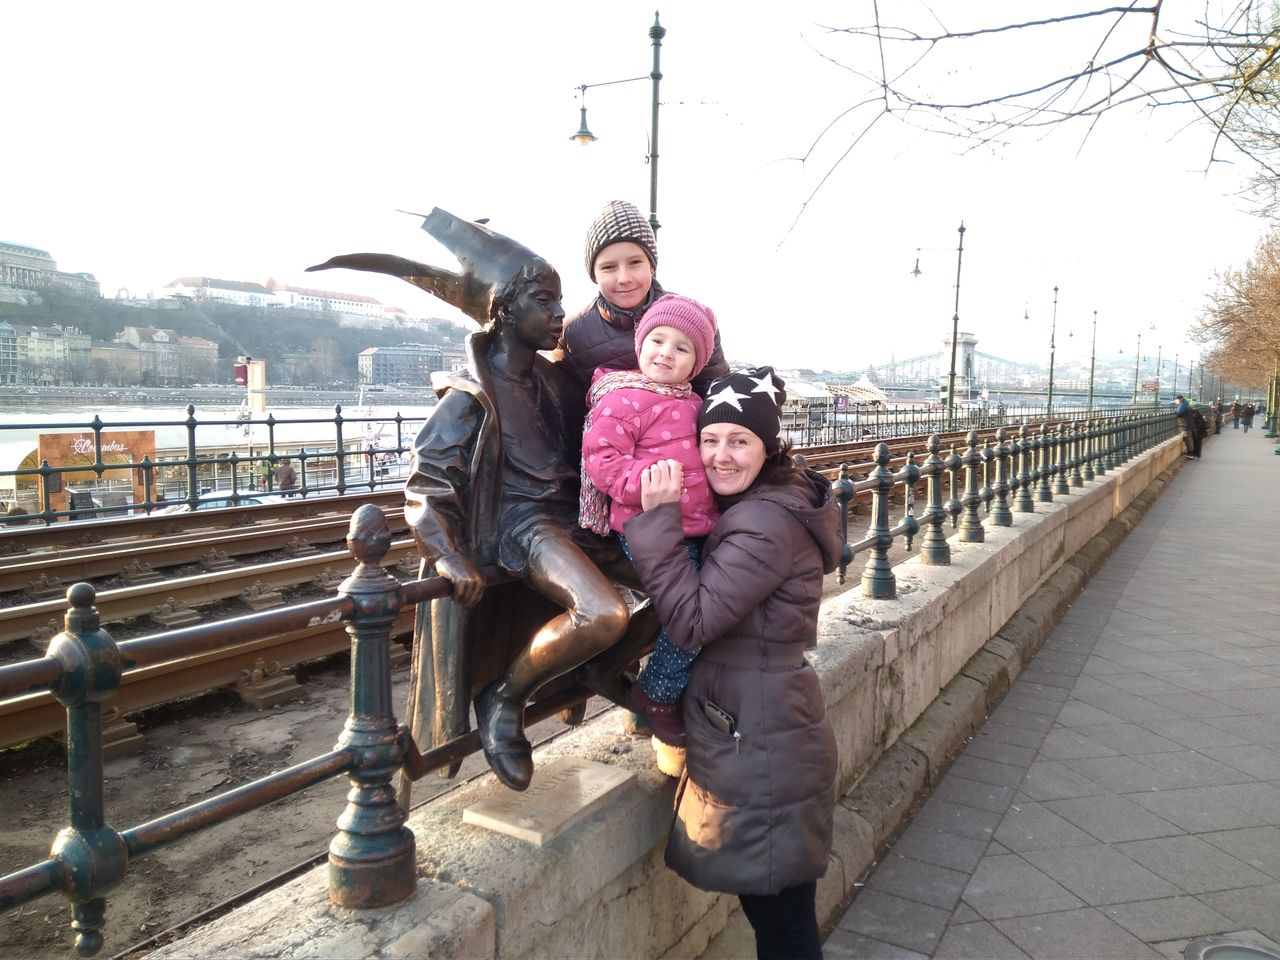 Budapešť - Malá mořská víla